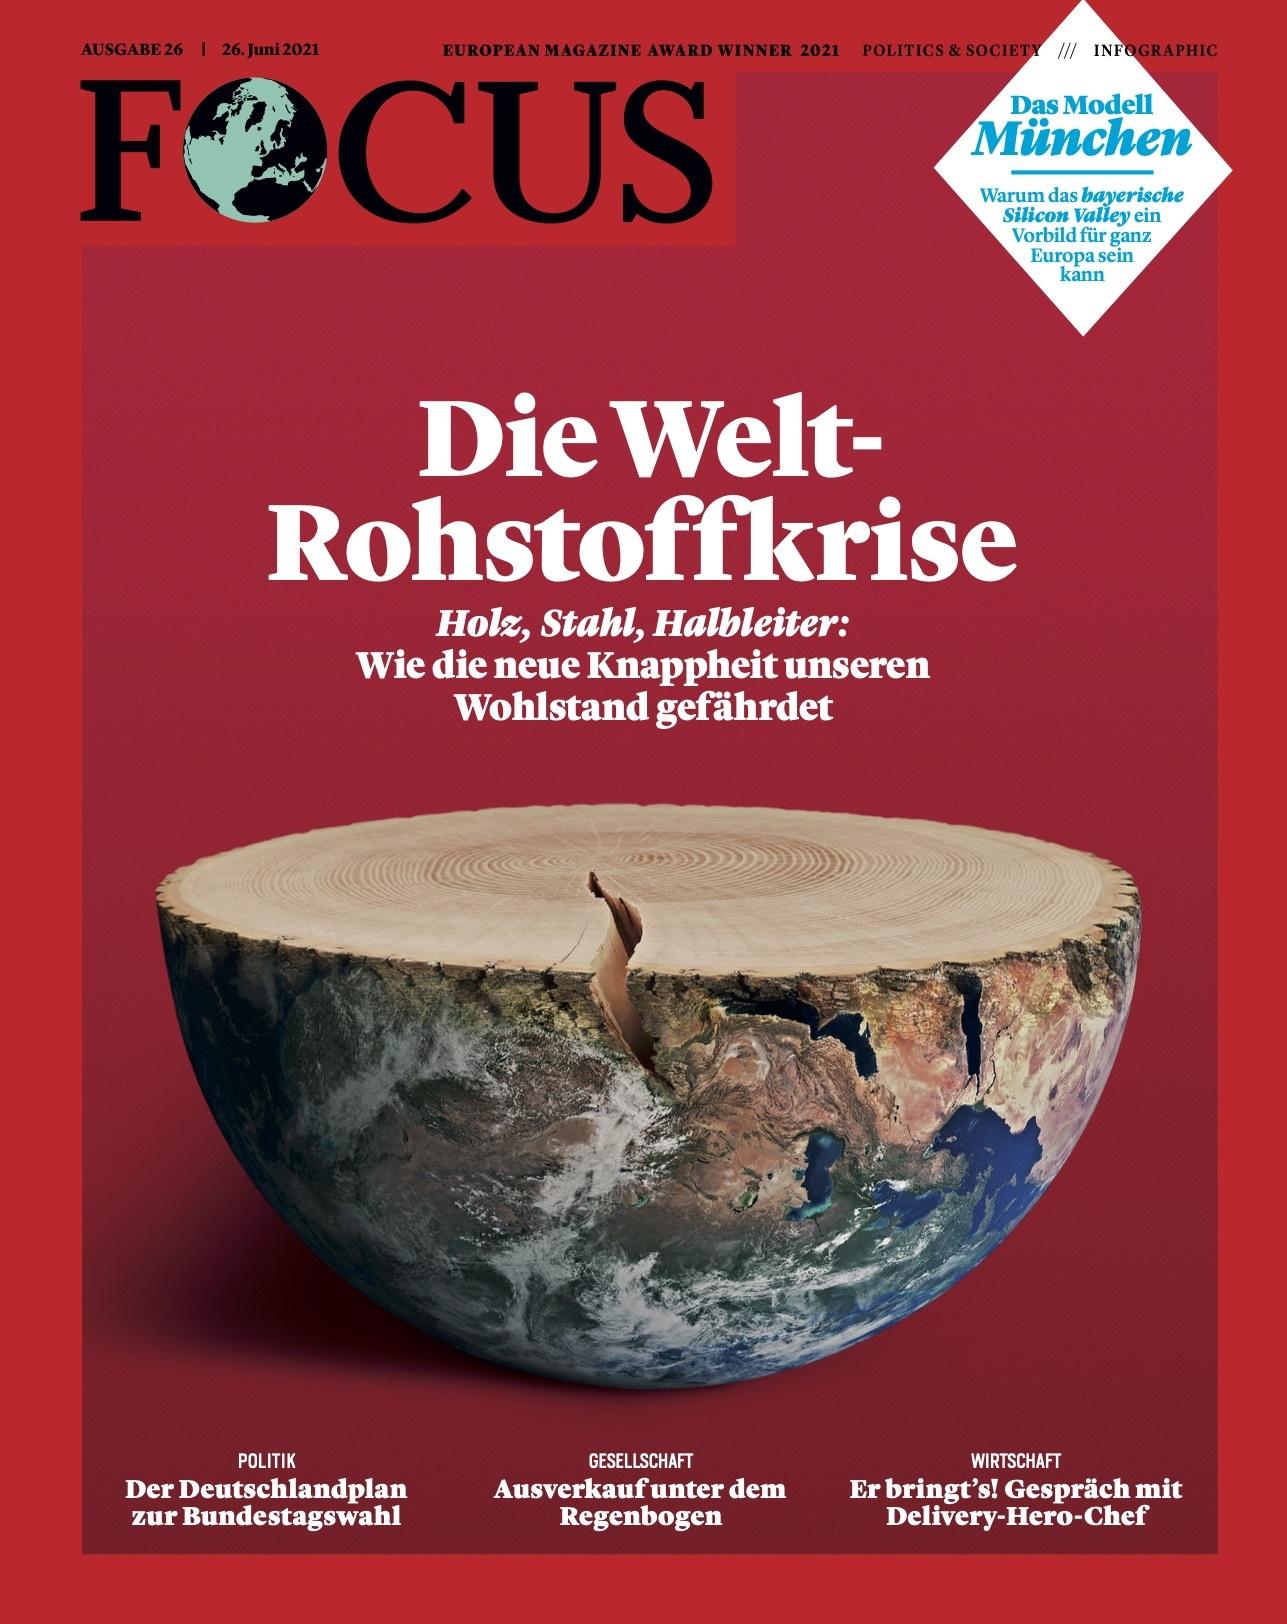 FOCUS Magazin FOCUS Magazin - Die Weltrohstoffkrise